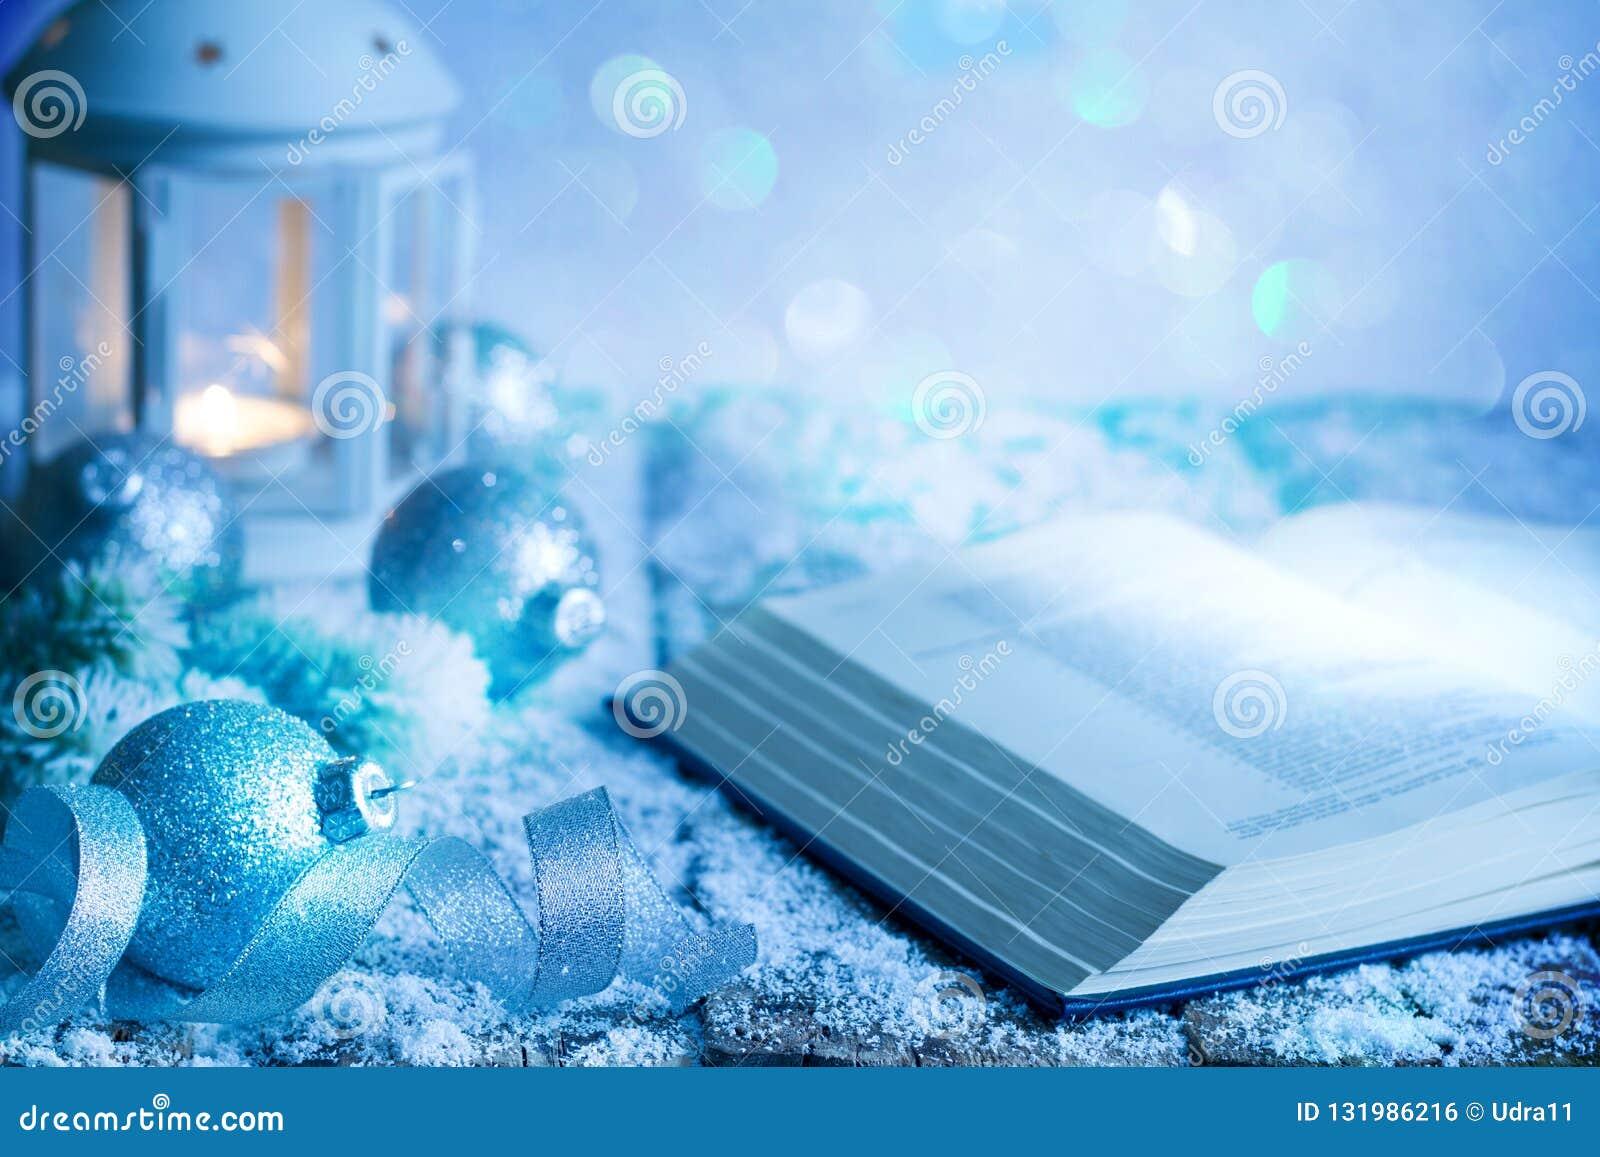 Weihnachtsabstrakter Dekorations-Verzierungshintergrund mit Bibelflitter und -laterne auf leerer Tabelle im Blau